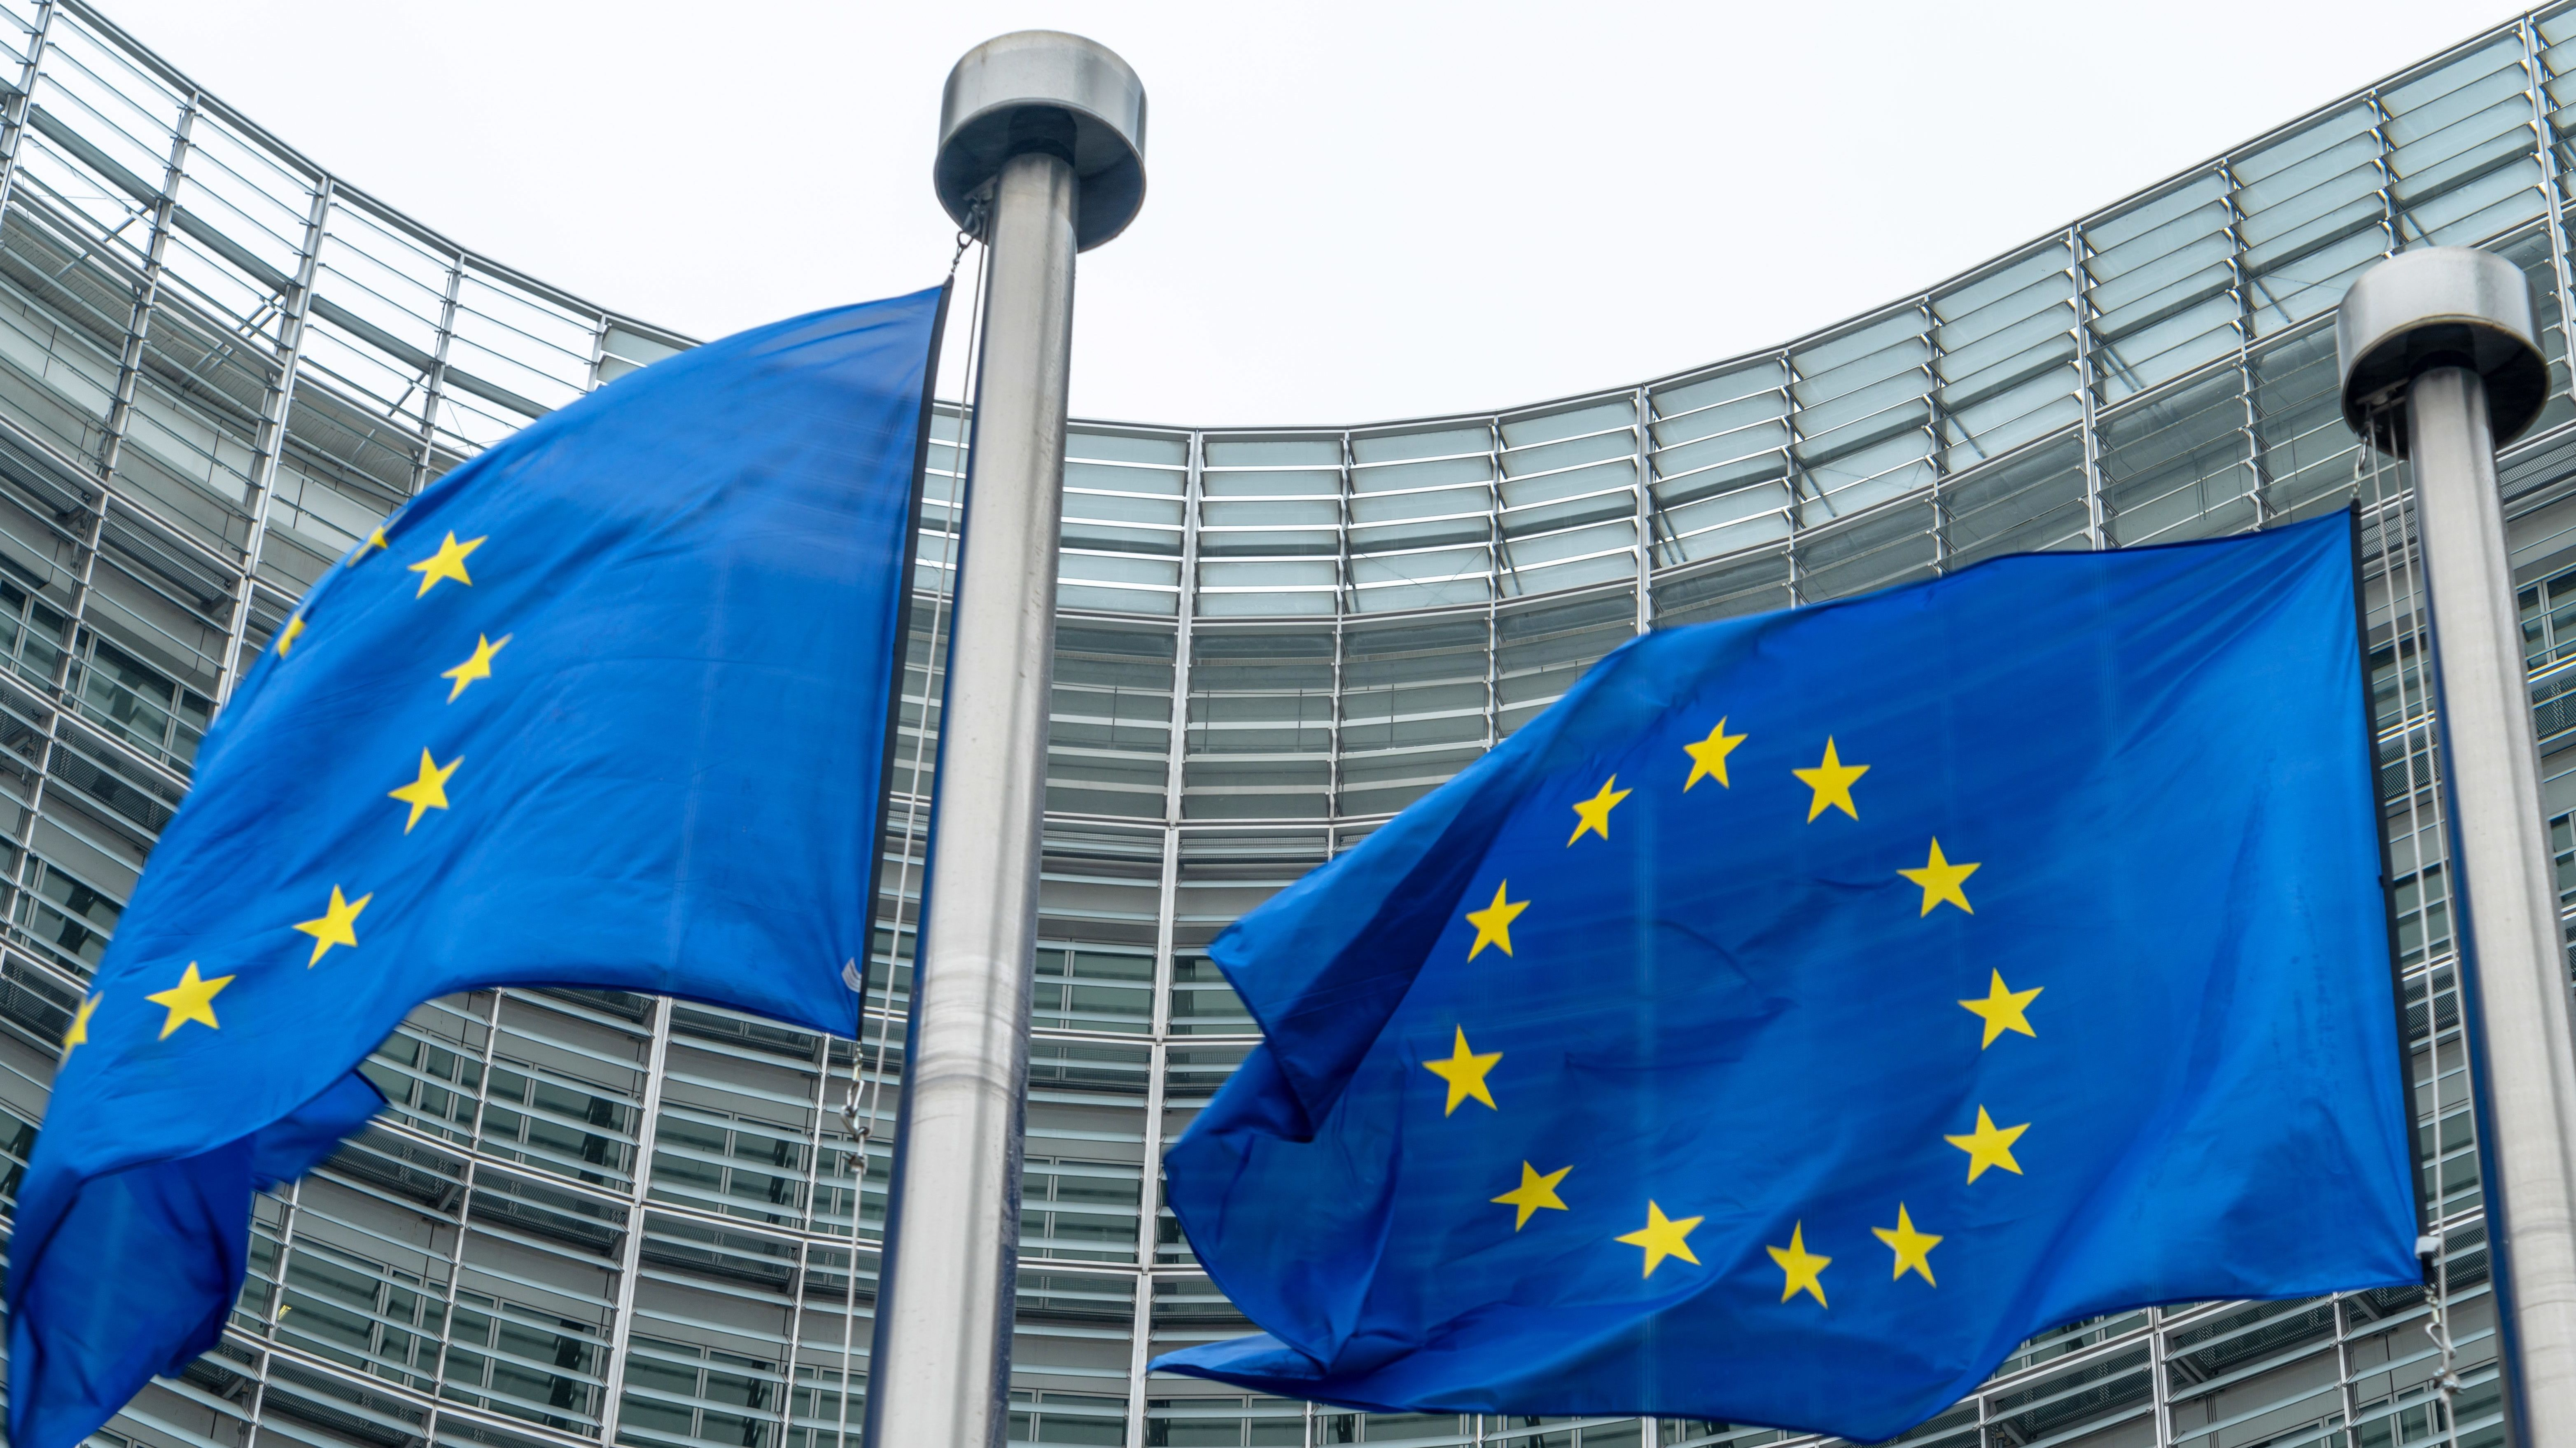 Europaflaggen vor der Europäischen Kommission in Brüssel